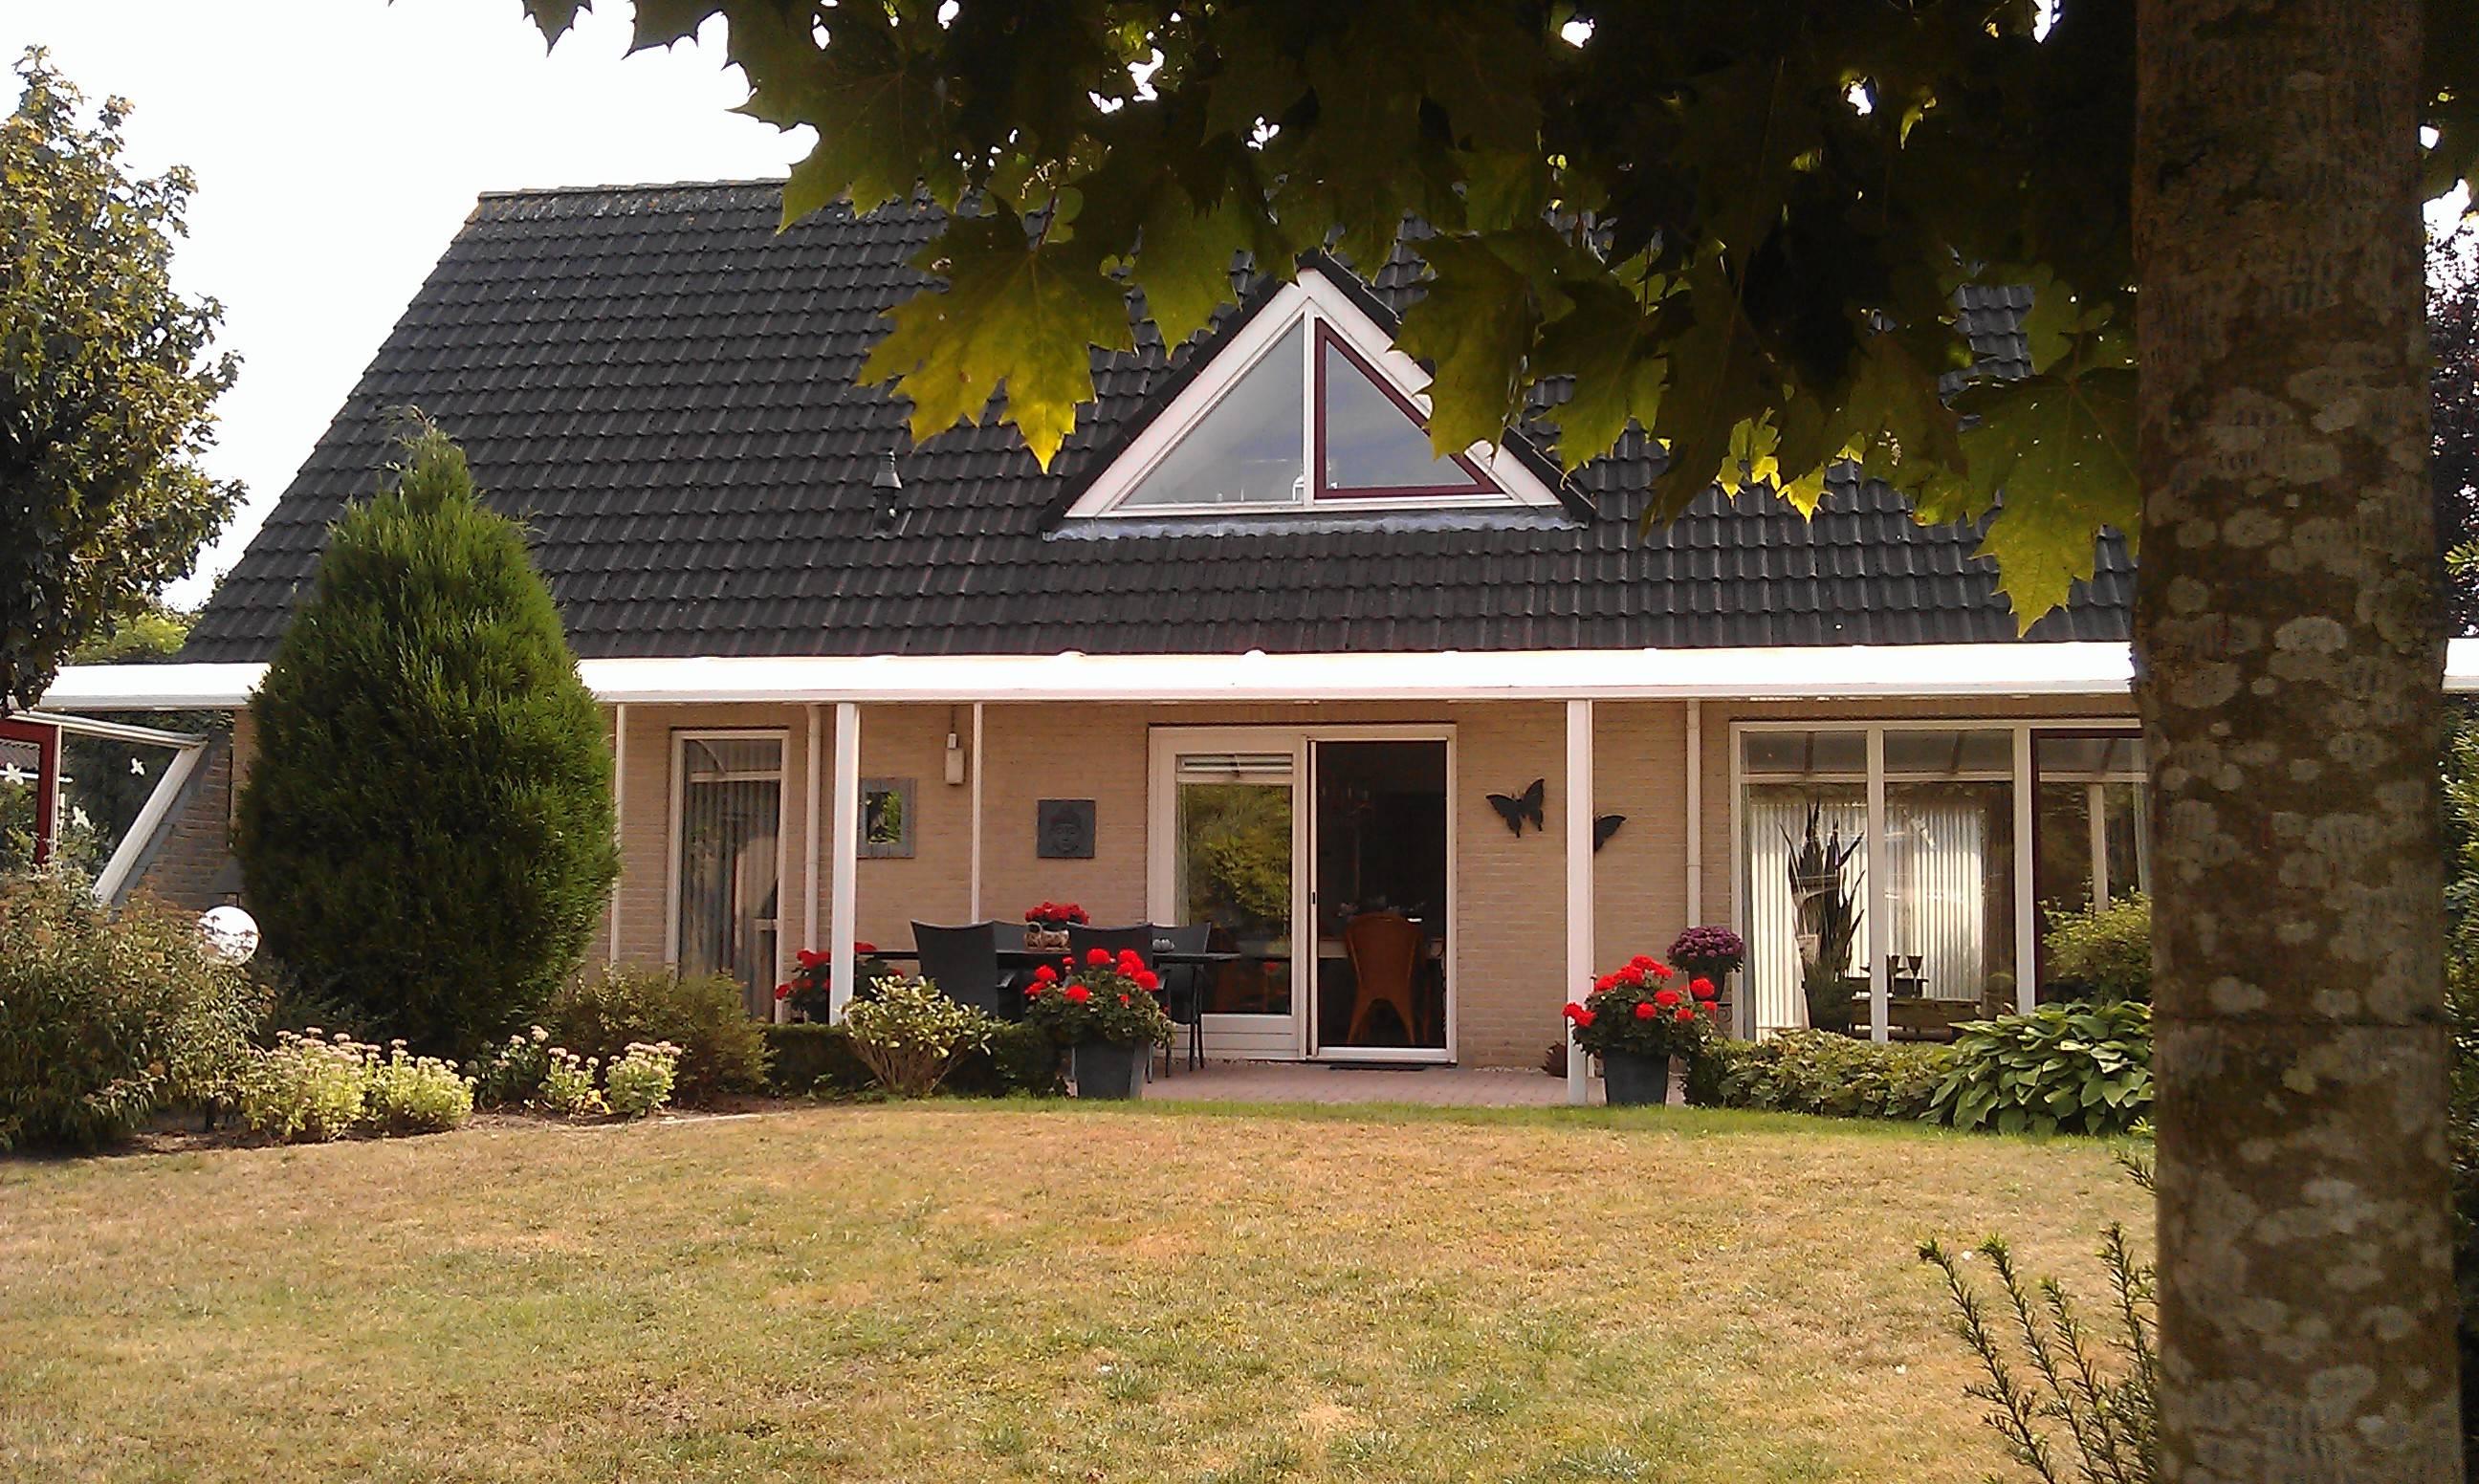 Valerianuslaan, Beuningen